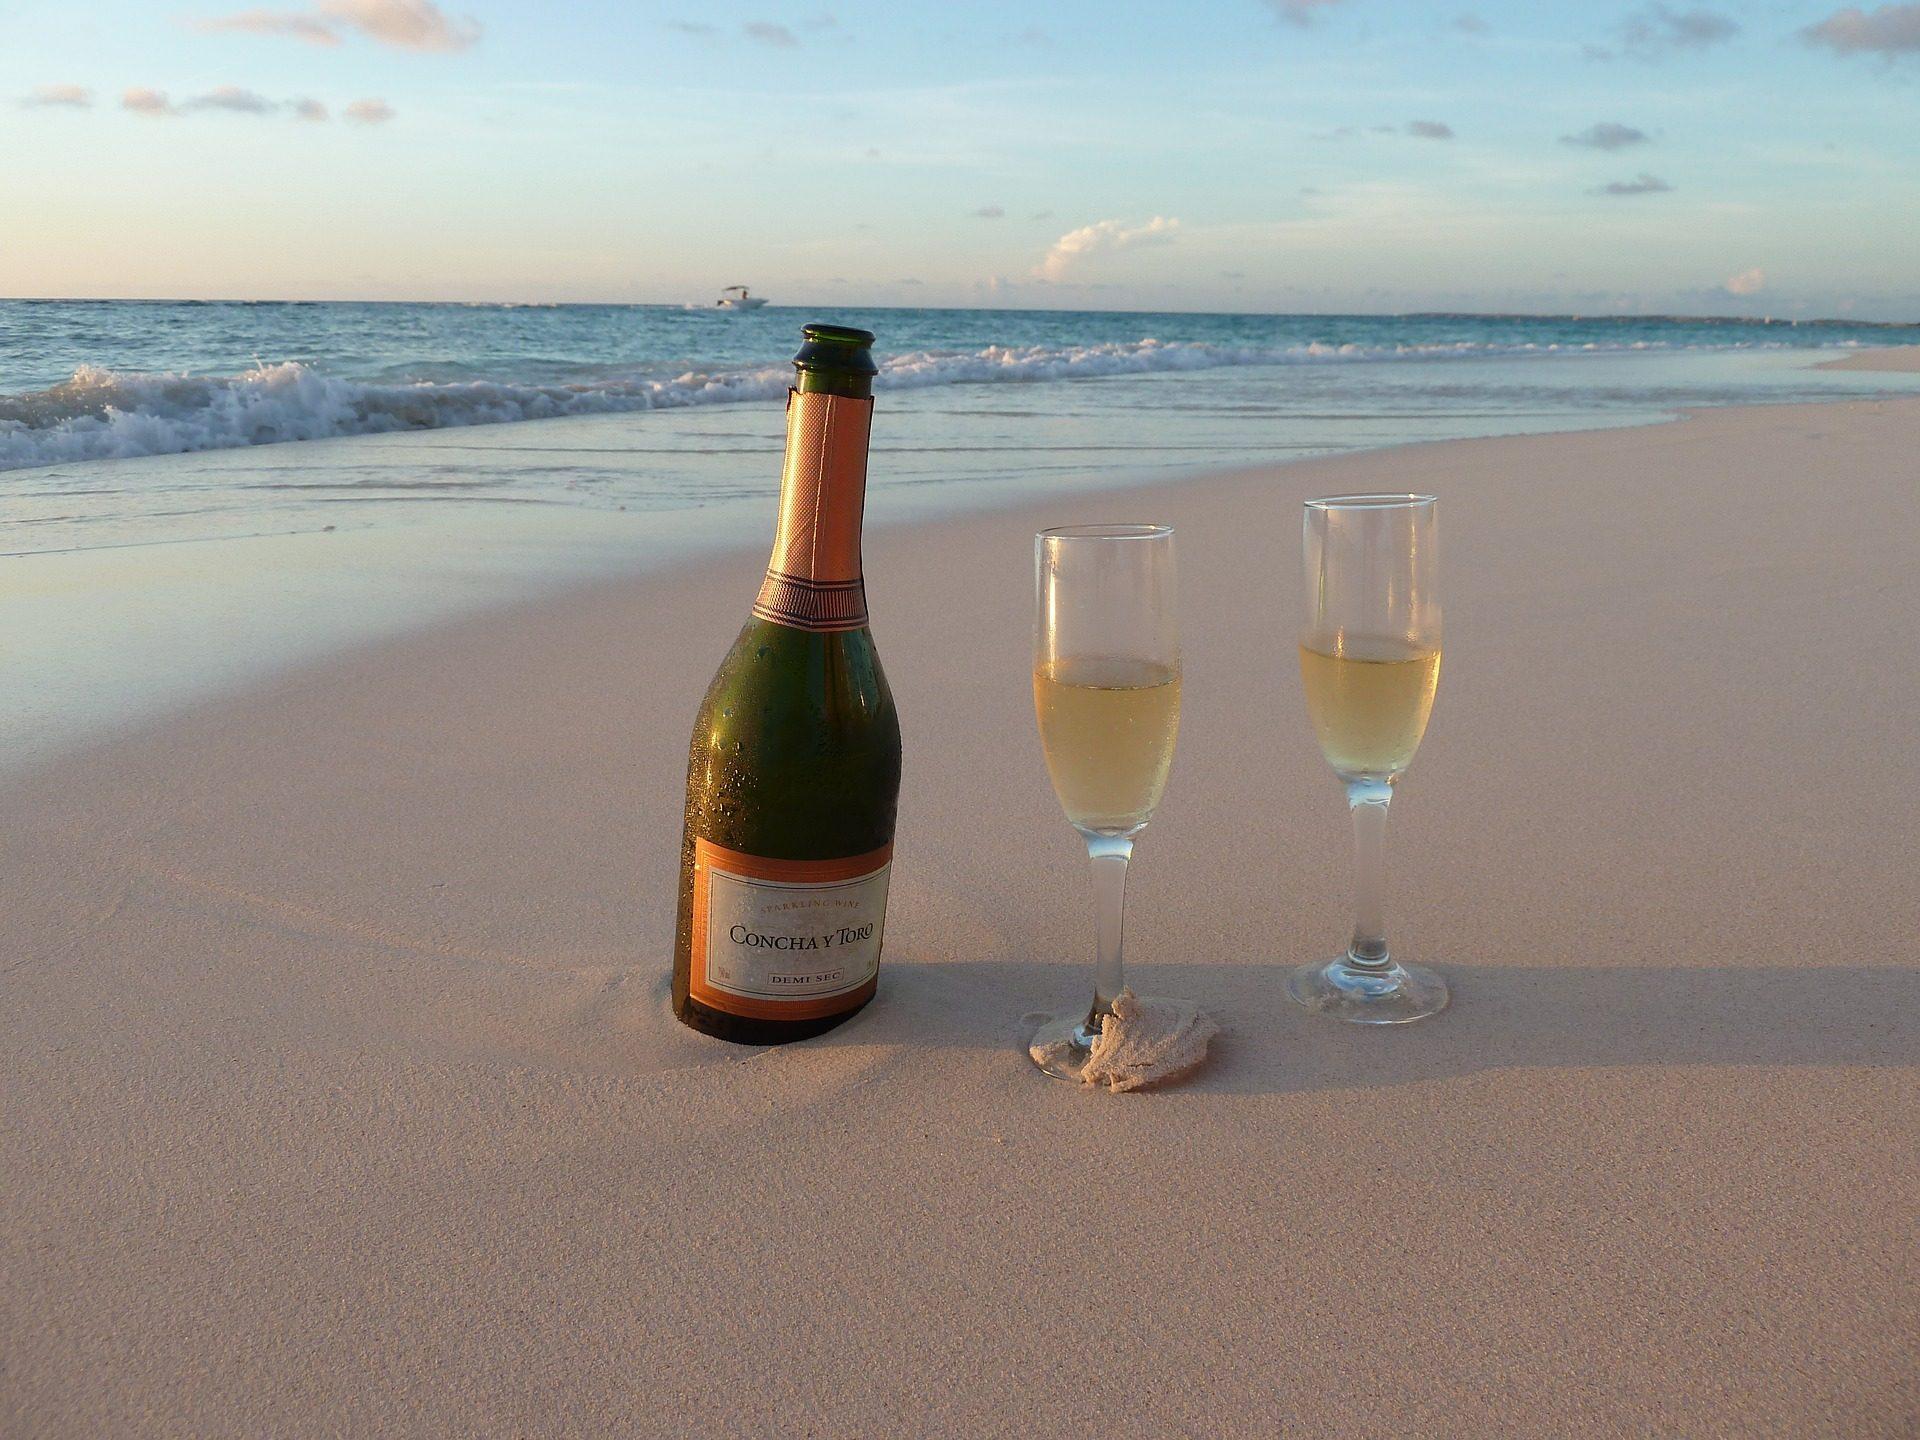 Champagne, copos, areia, Praia, Mar, romántico - Papéis de parede HD - Professor-falken.com